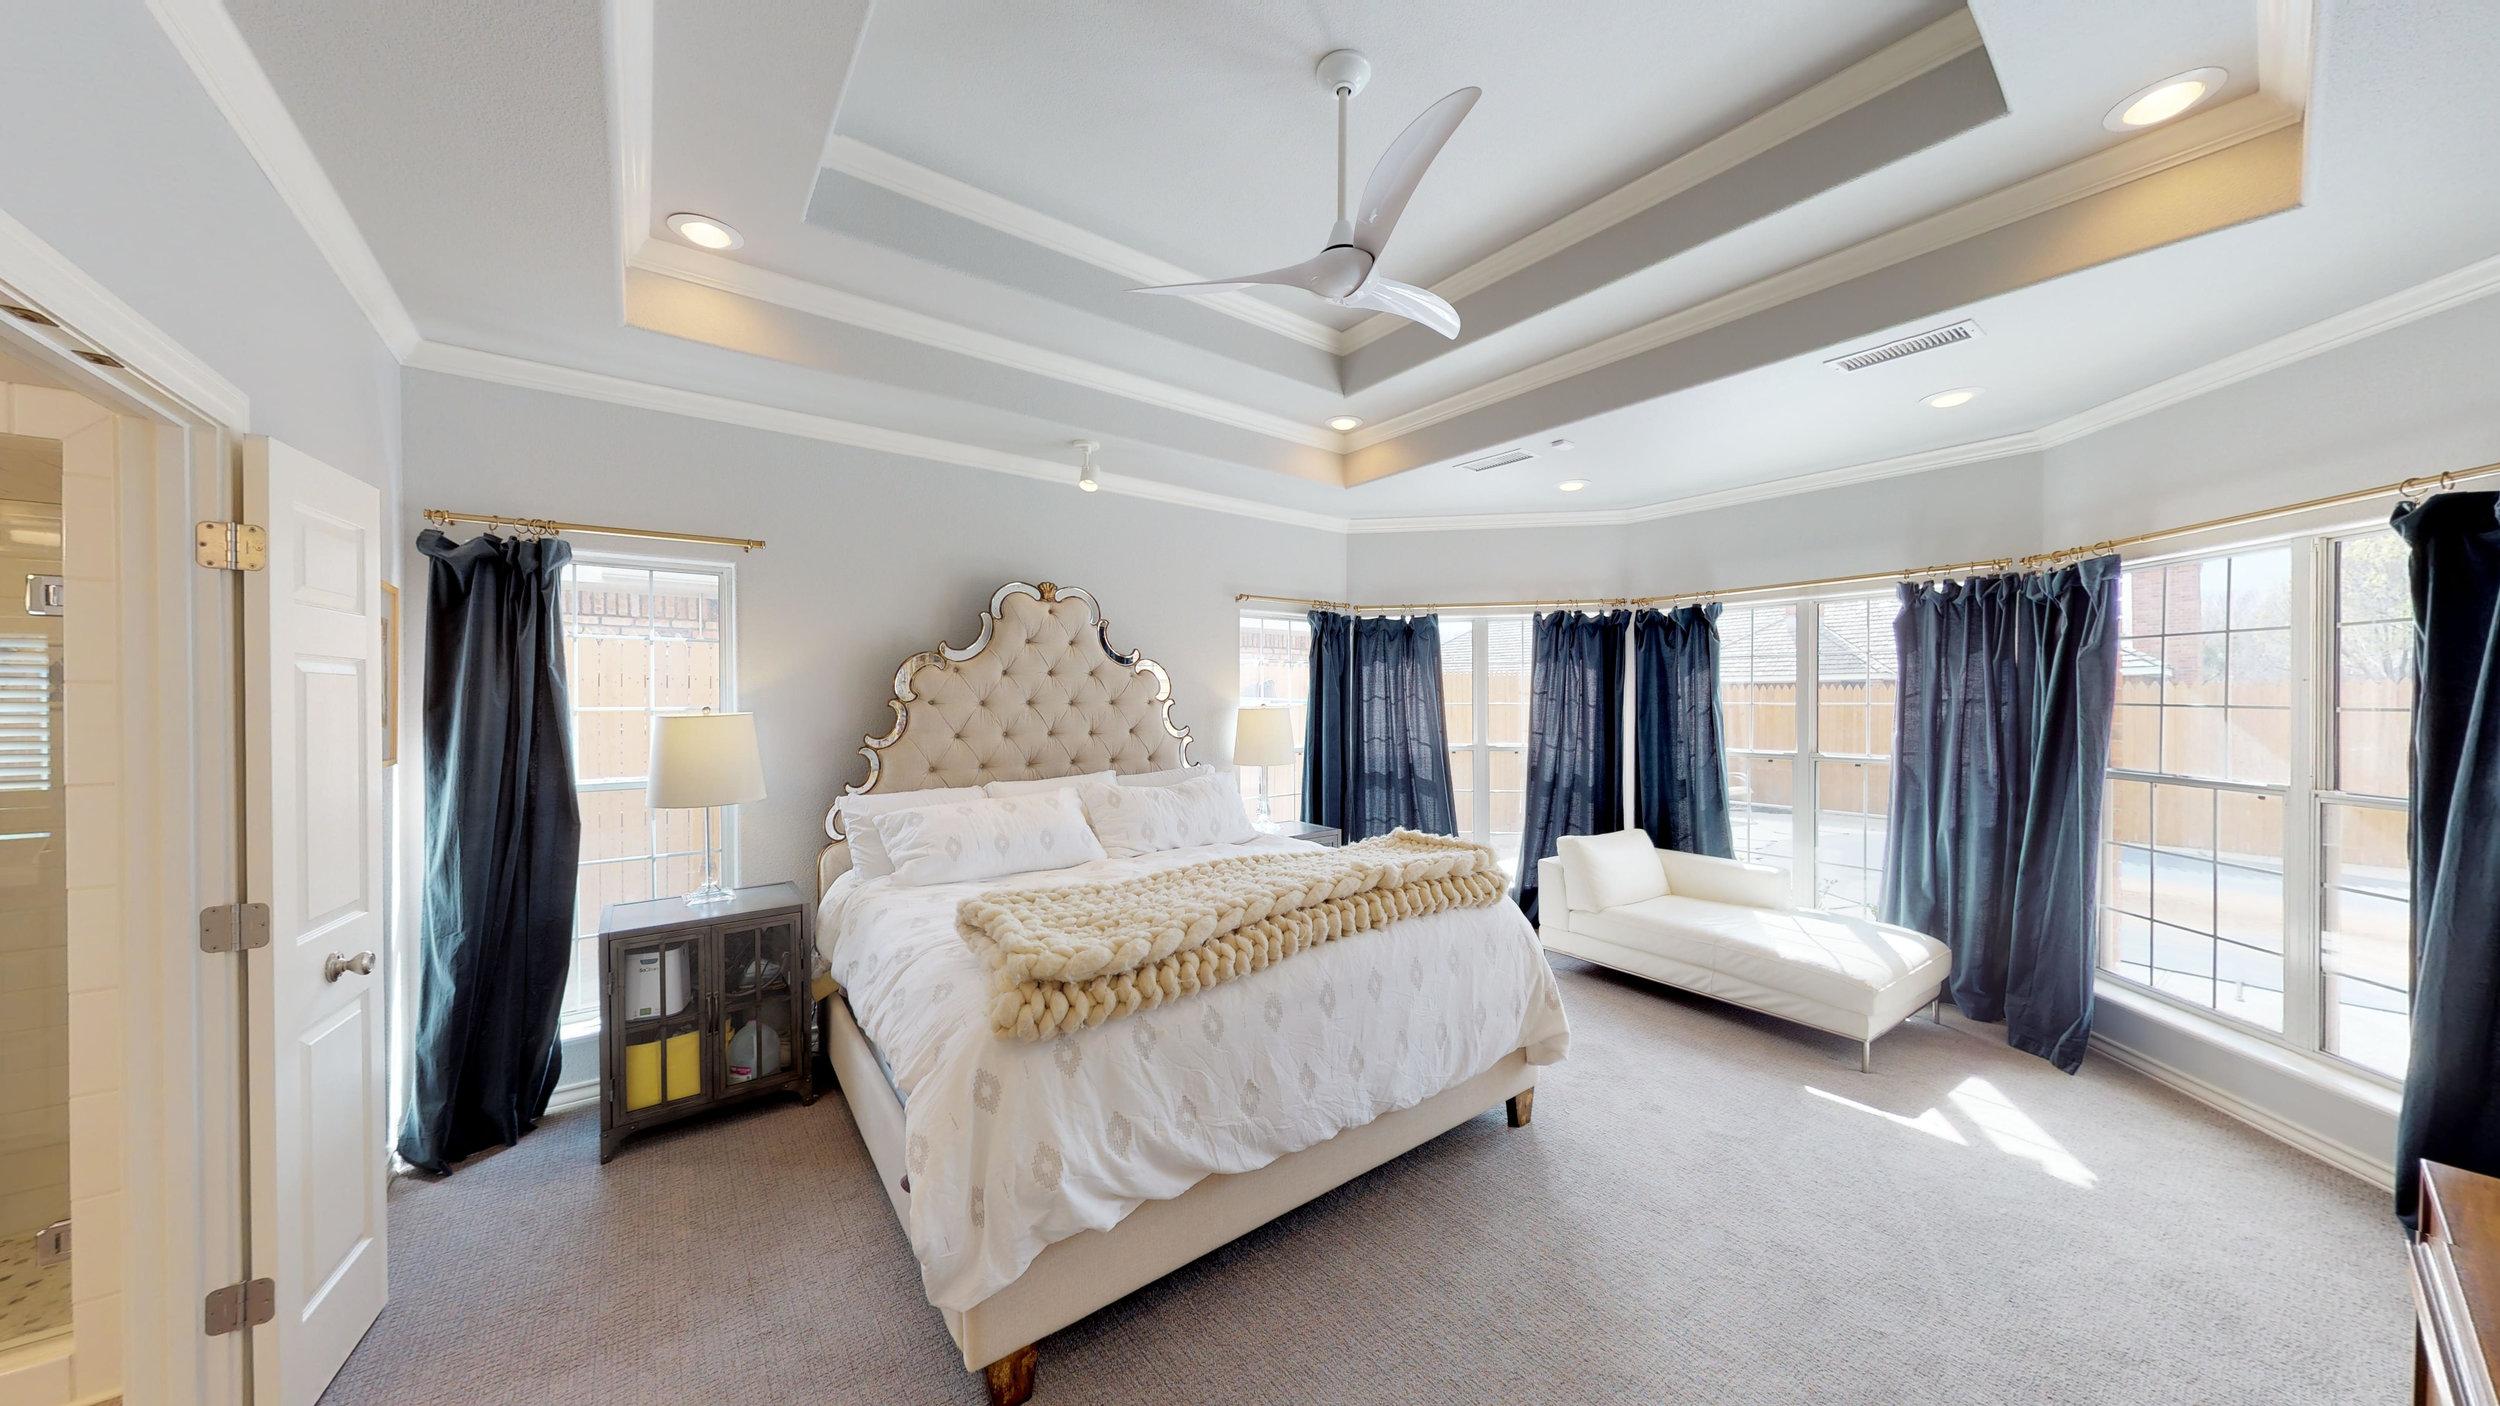 4502-Ashville-Place-Amarillo-TX-79119-Master-Bedroom-1a.jpg